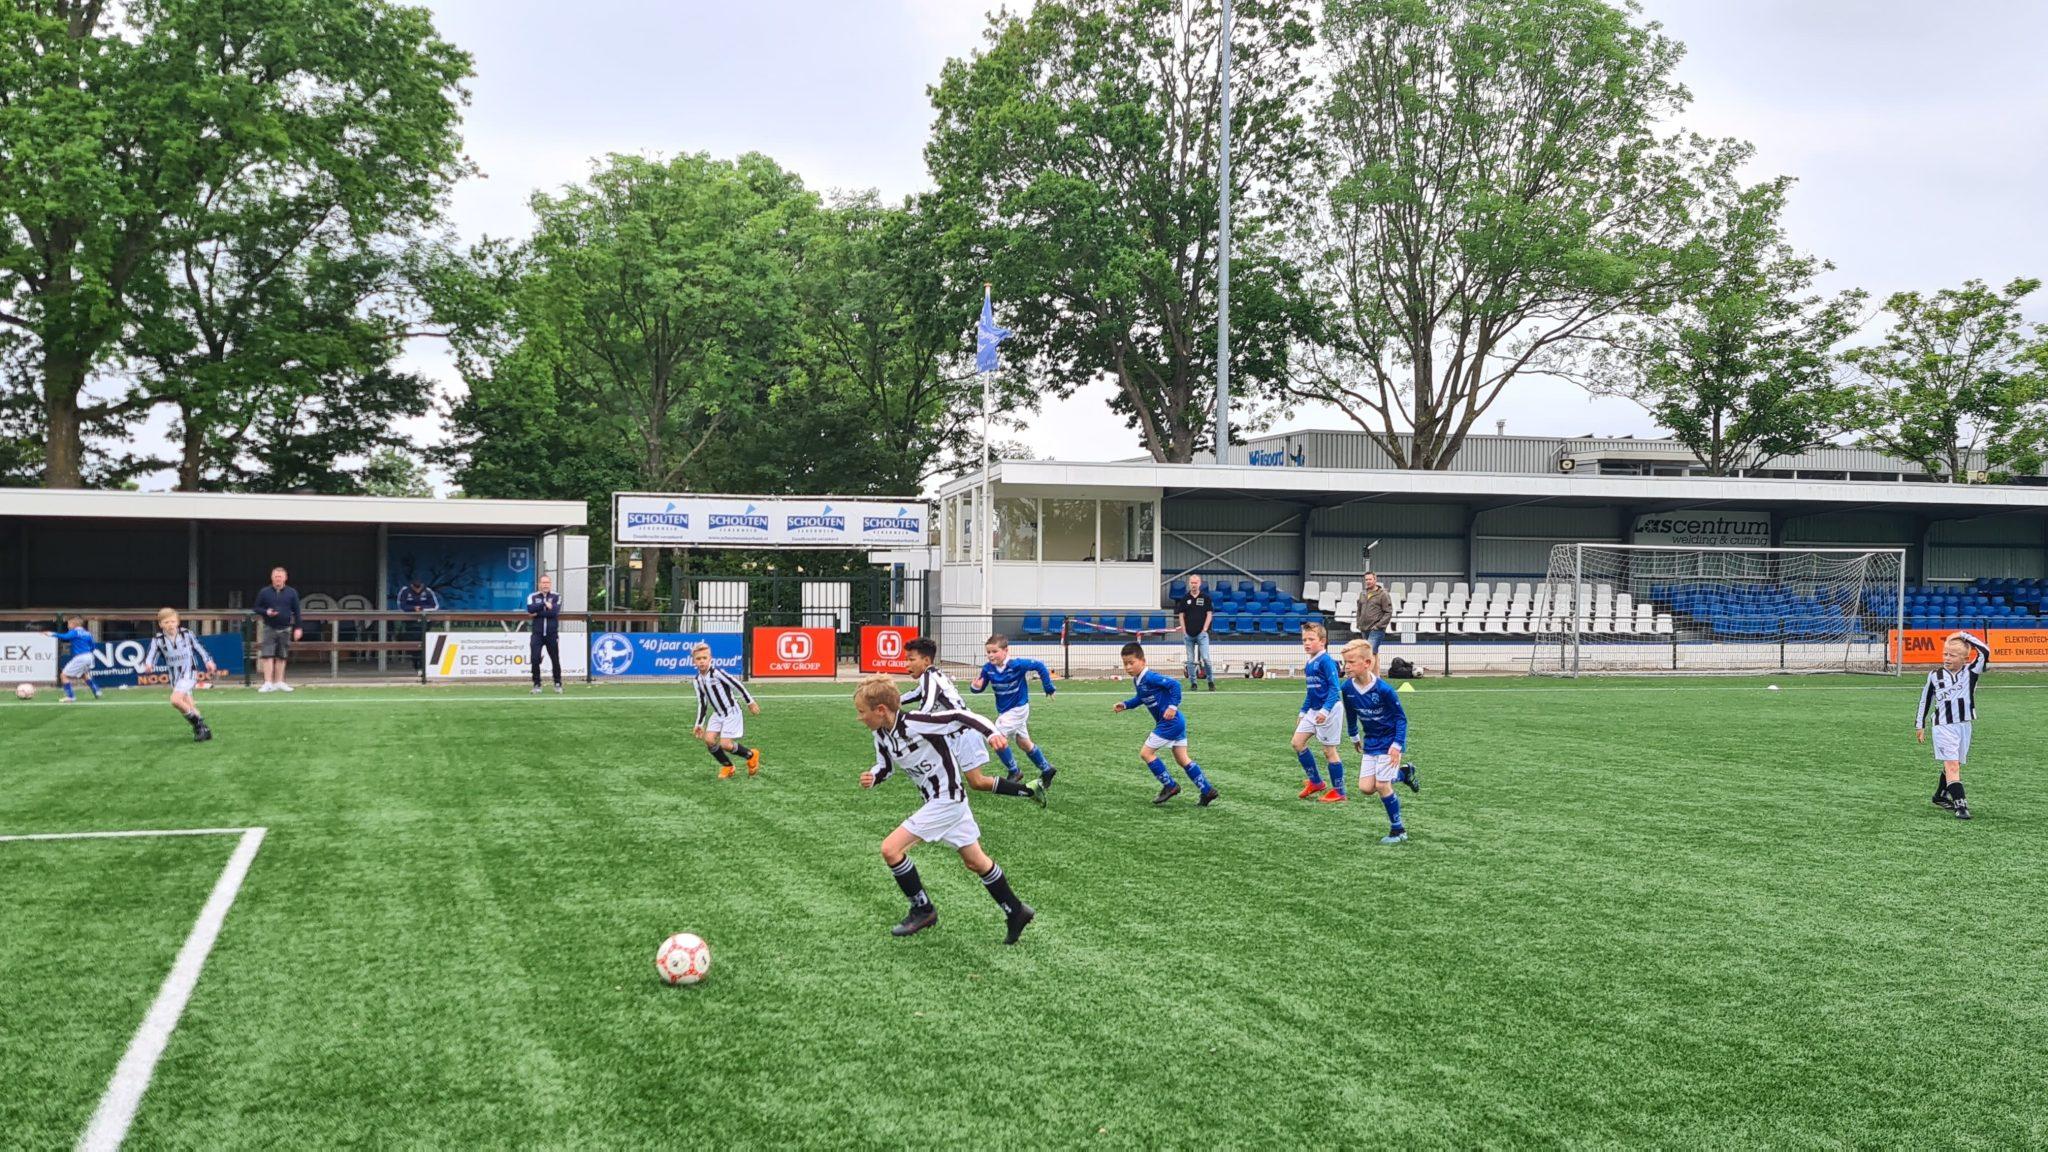 Onze 9-1 voor de Regio Cup naar Rijsoord